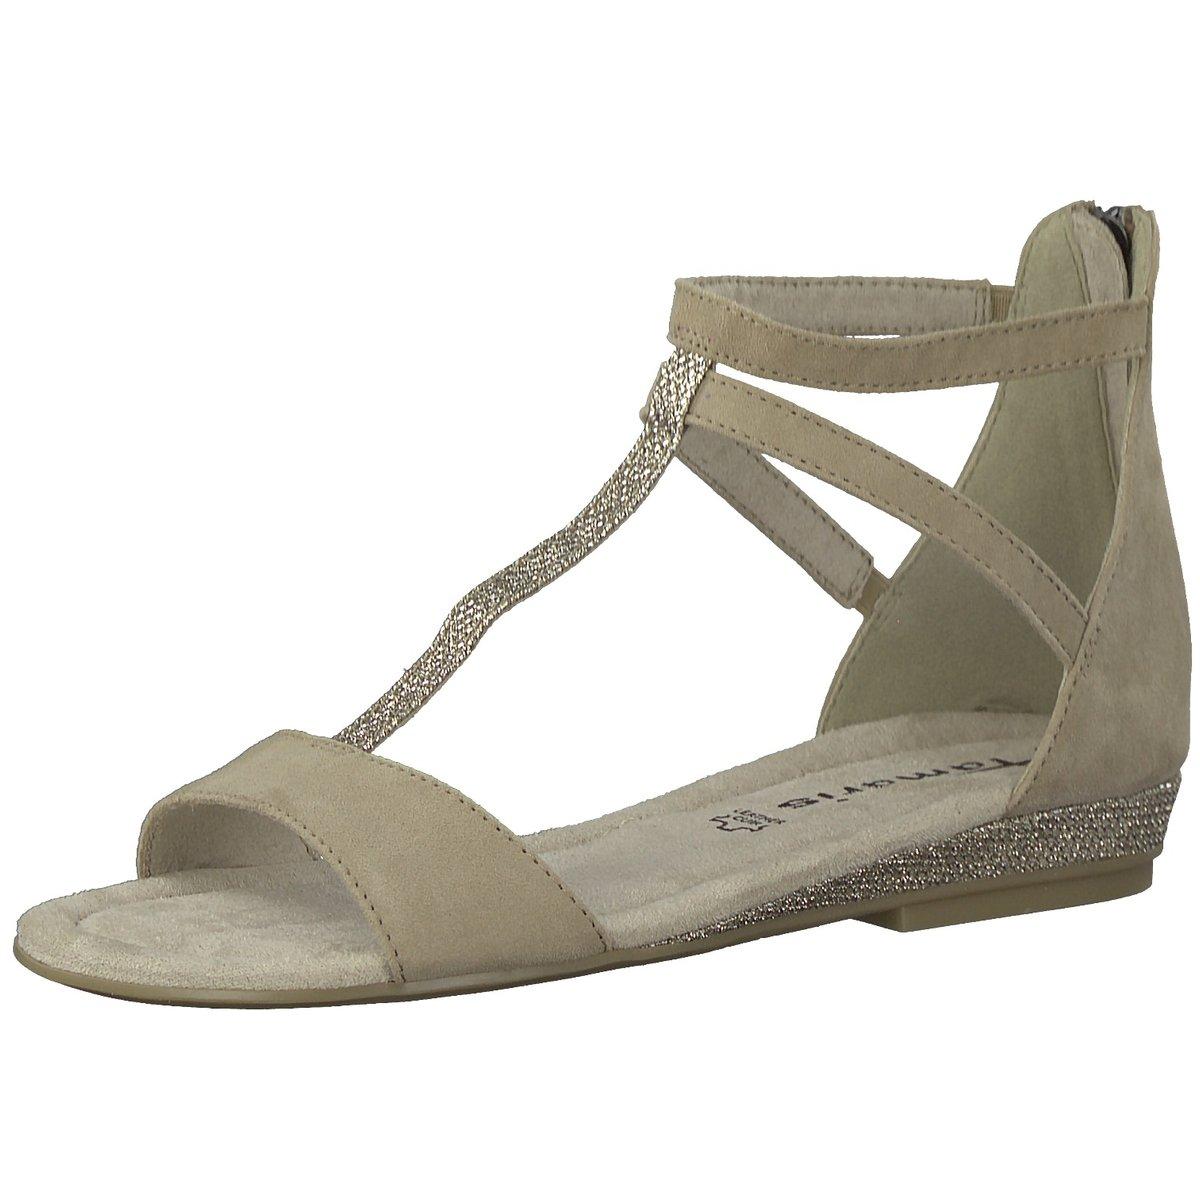 Details zu Tamaris Damen Sandaletten SANDALETTE 1 1 28139 20 375 braun 401226